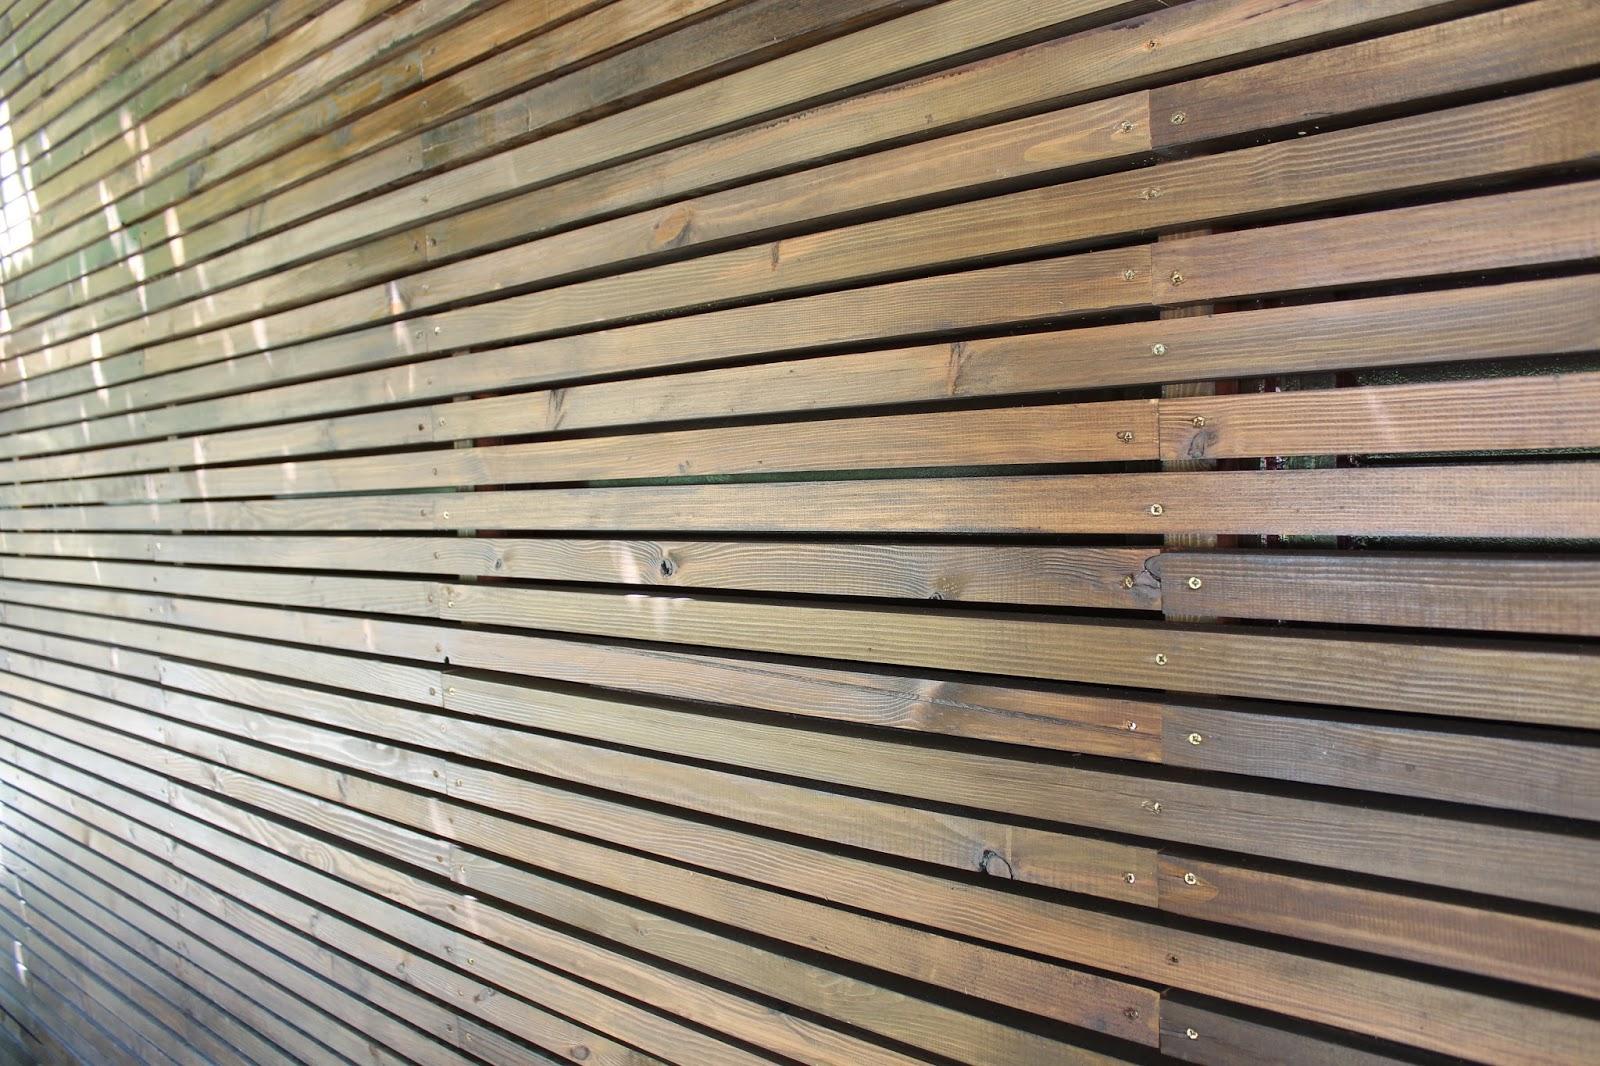 P rgolas world agosto 2015 - Listones de madera para exterior ...